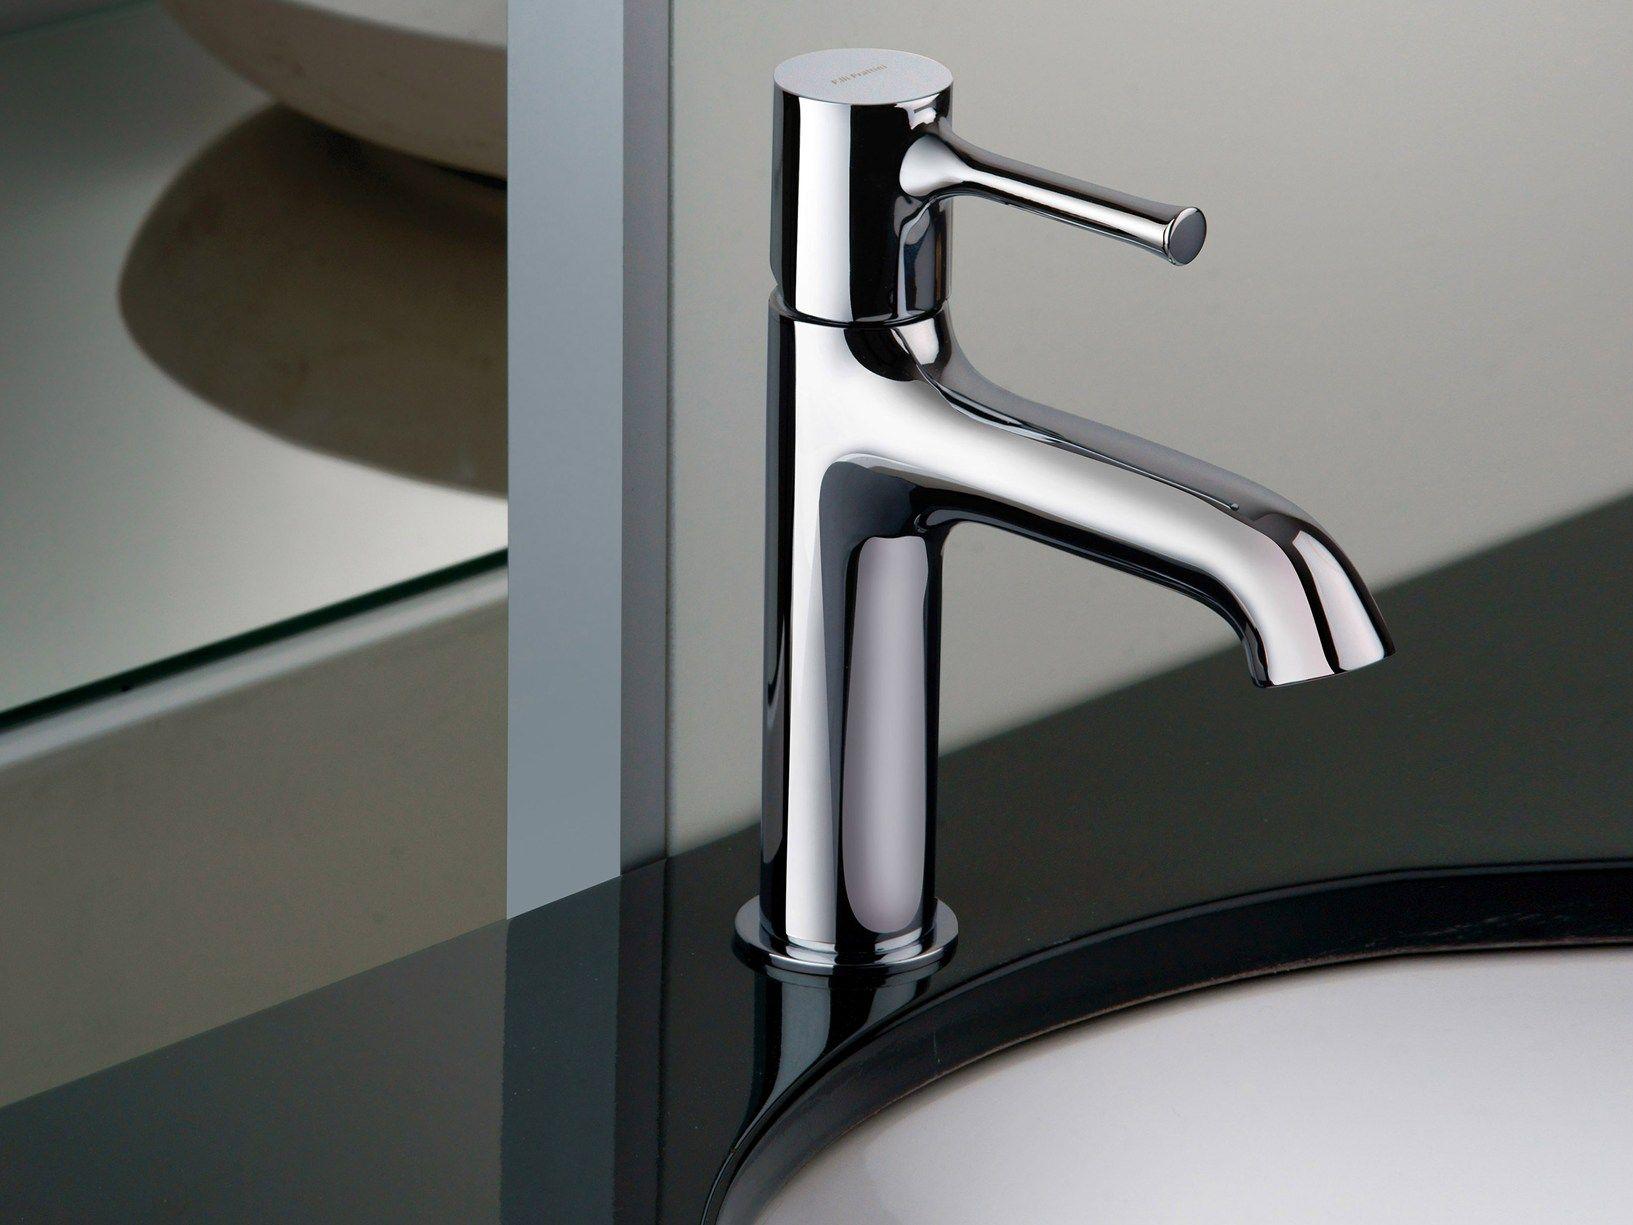 Articolo rubinetti bagno frattini a roma kijiji